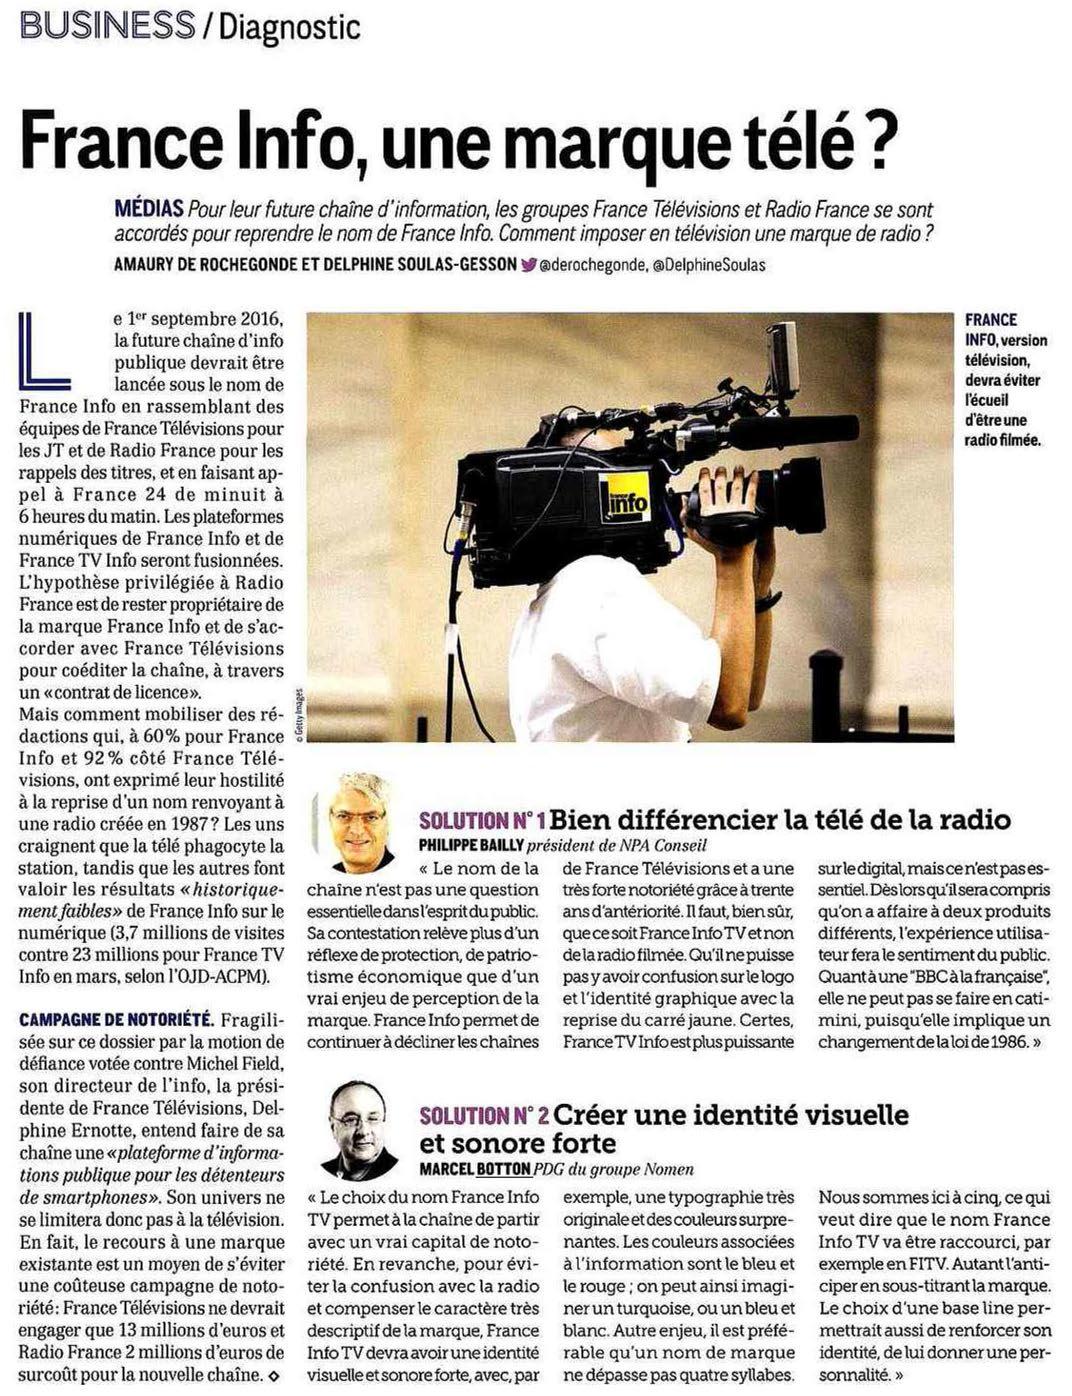 France Info, une marque télé ?